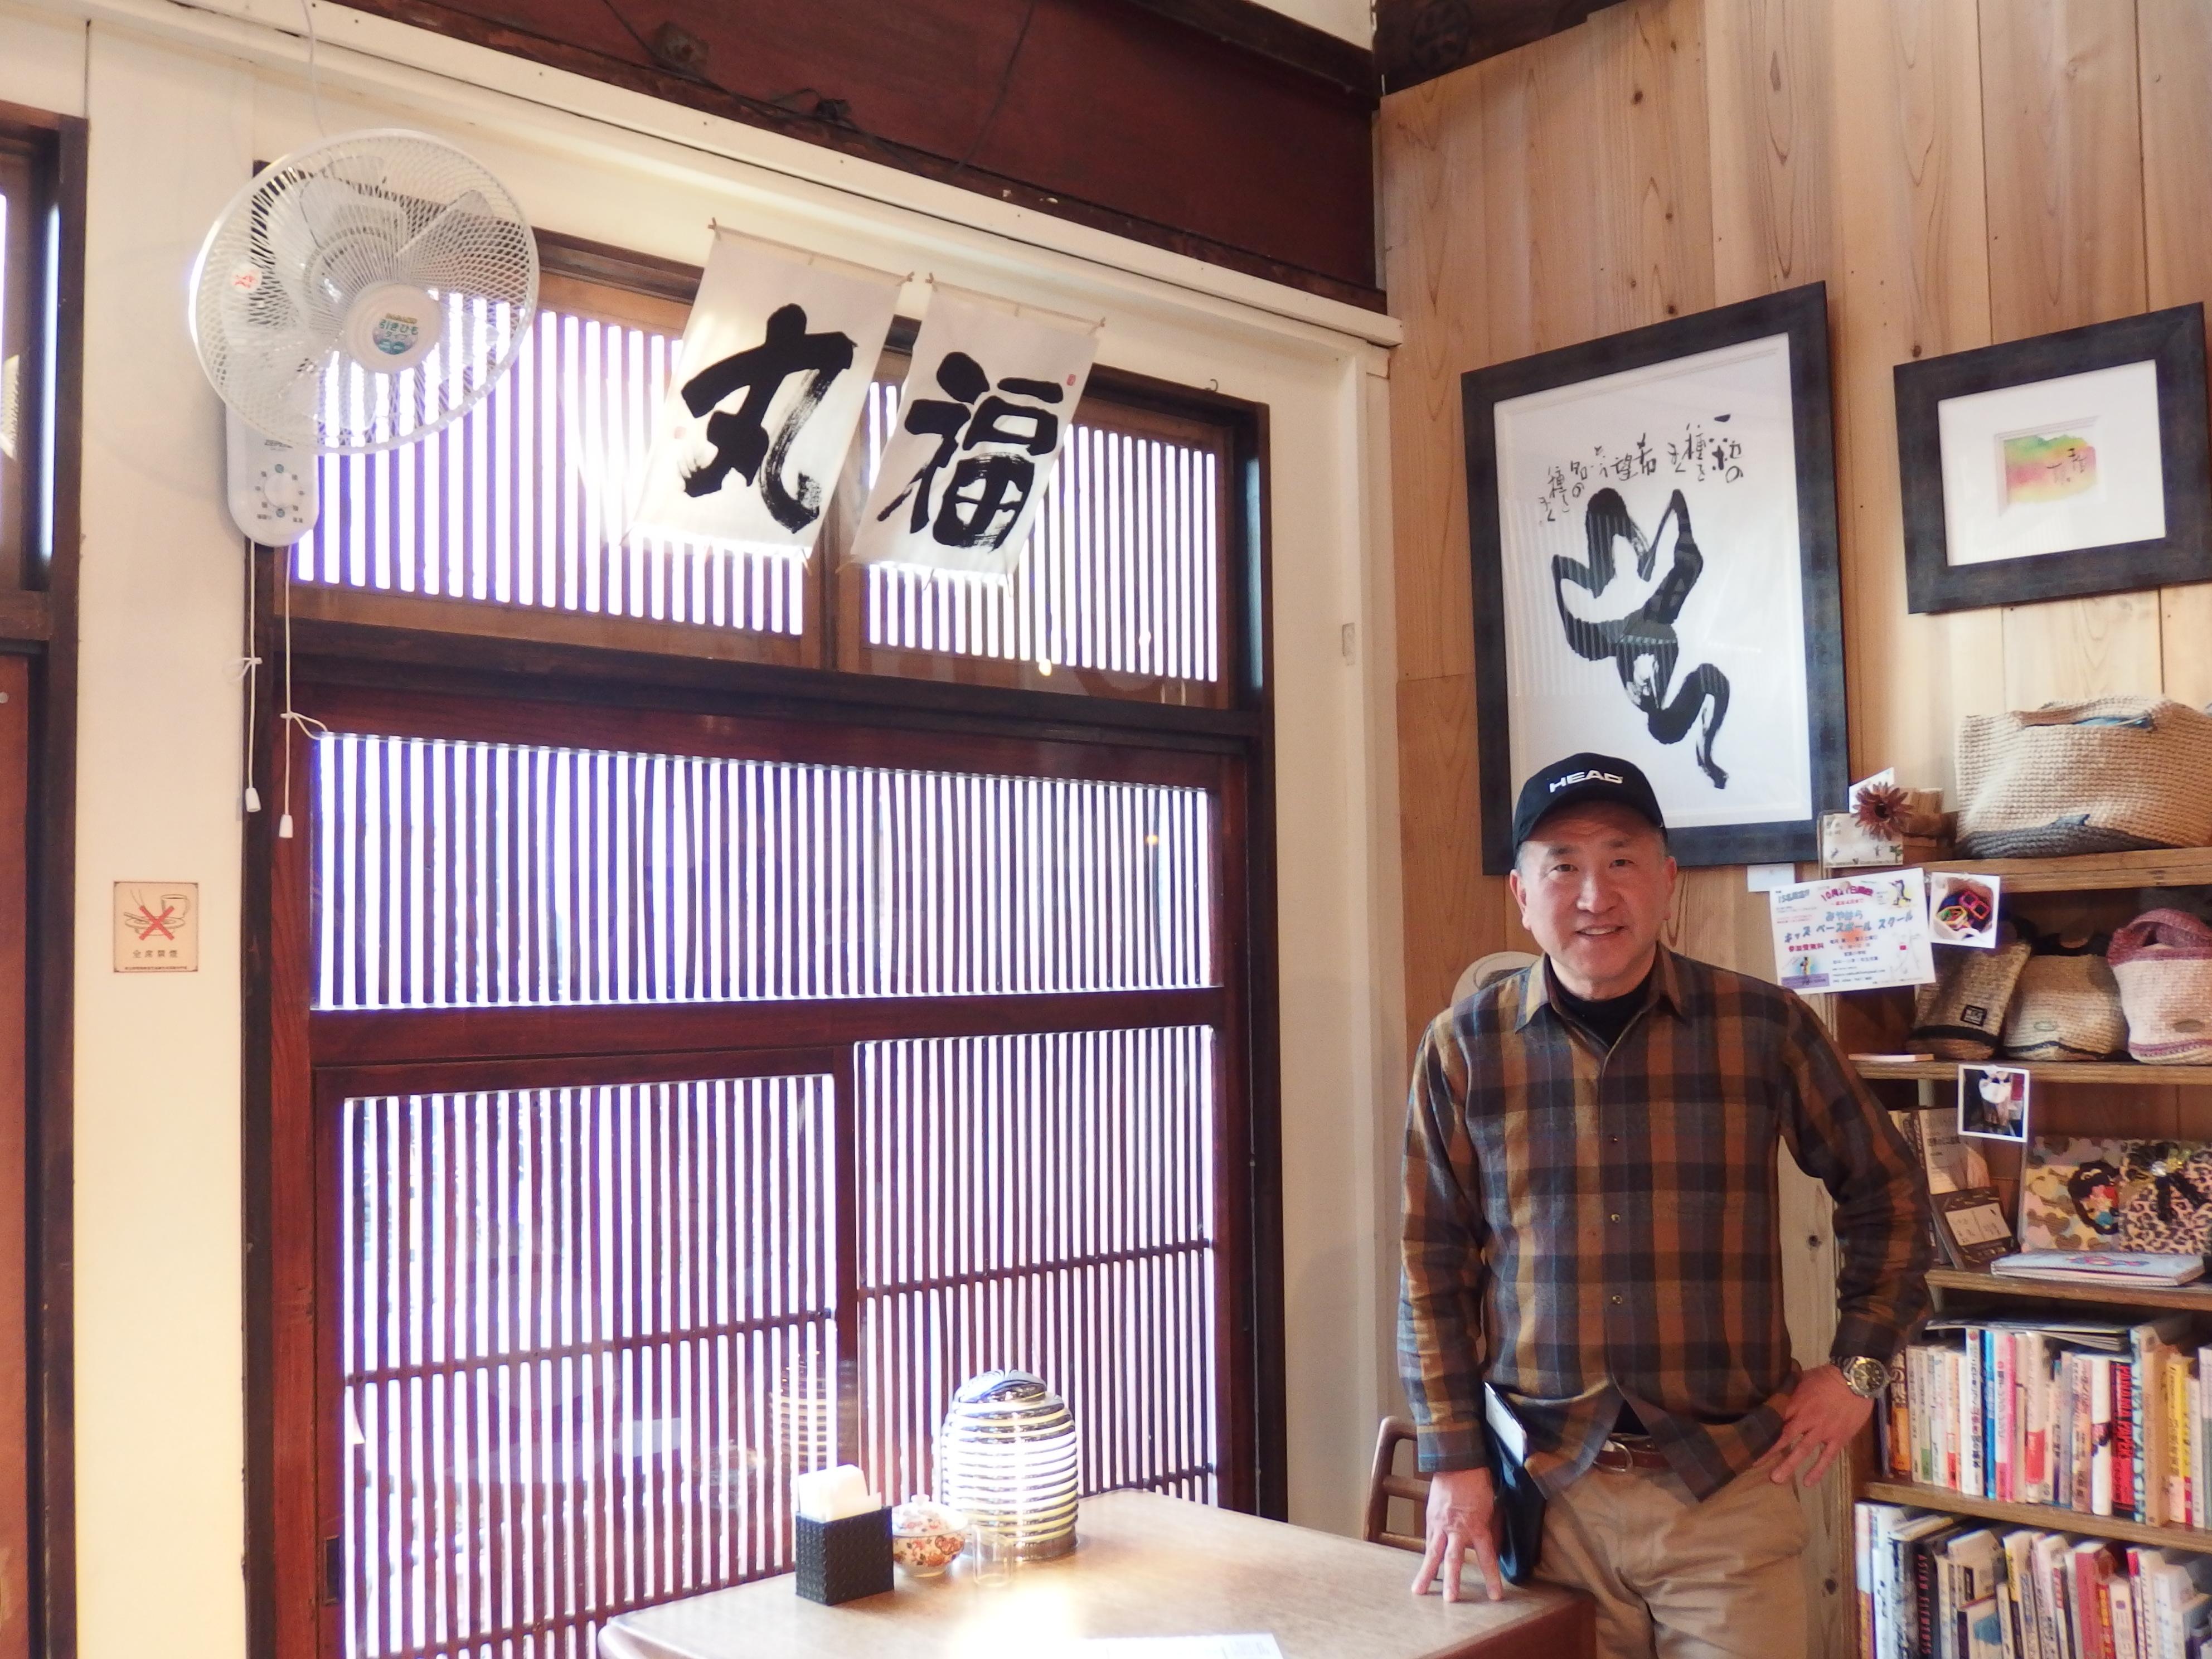 福丸珈琲店の雰囲気がちょっと変わりました。